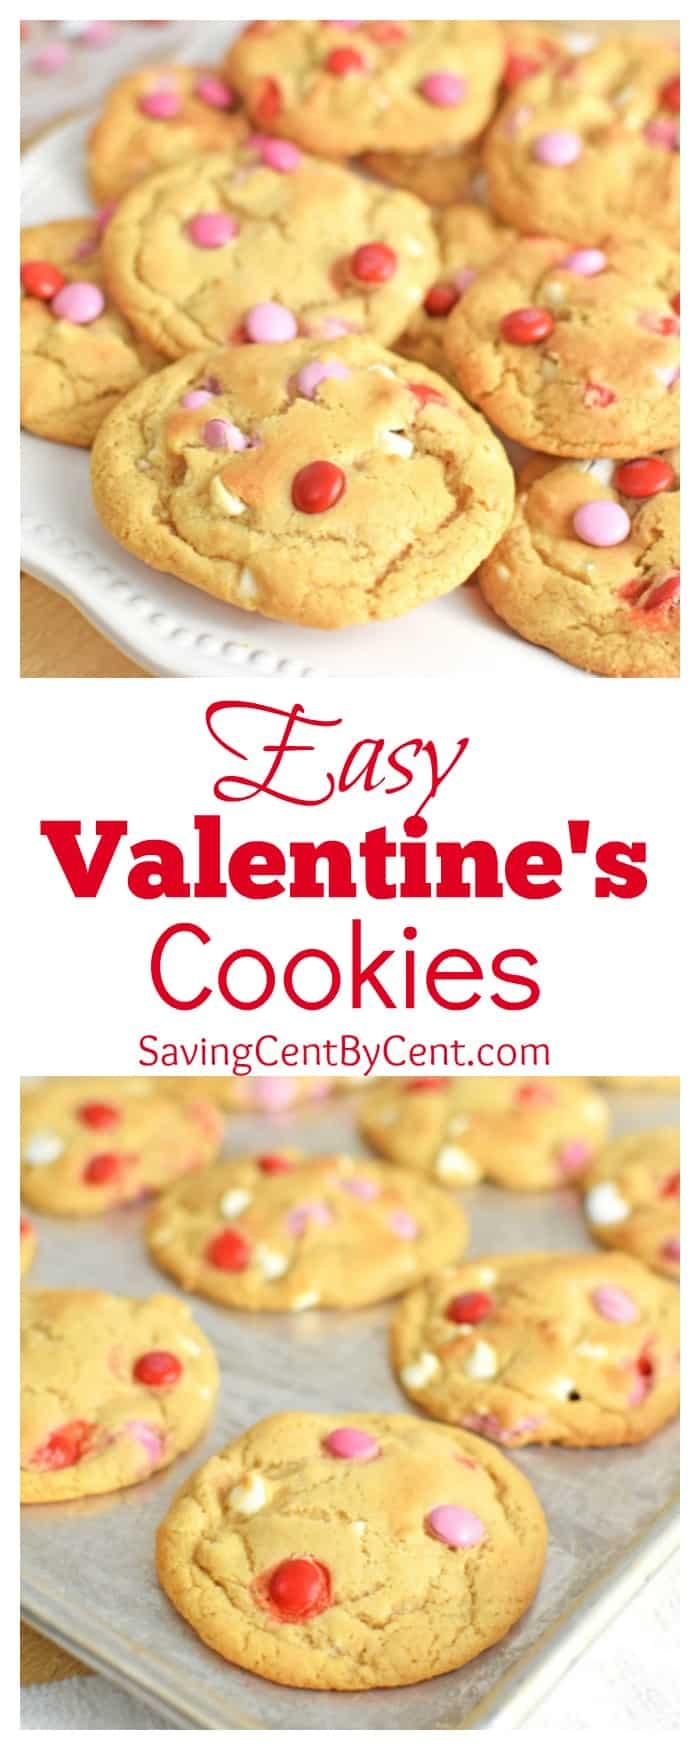 Easy Valentine's Cookies